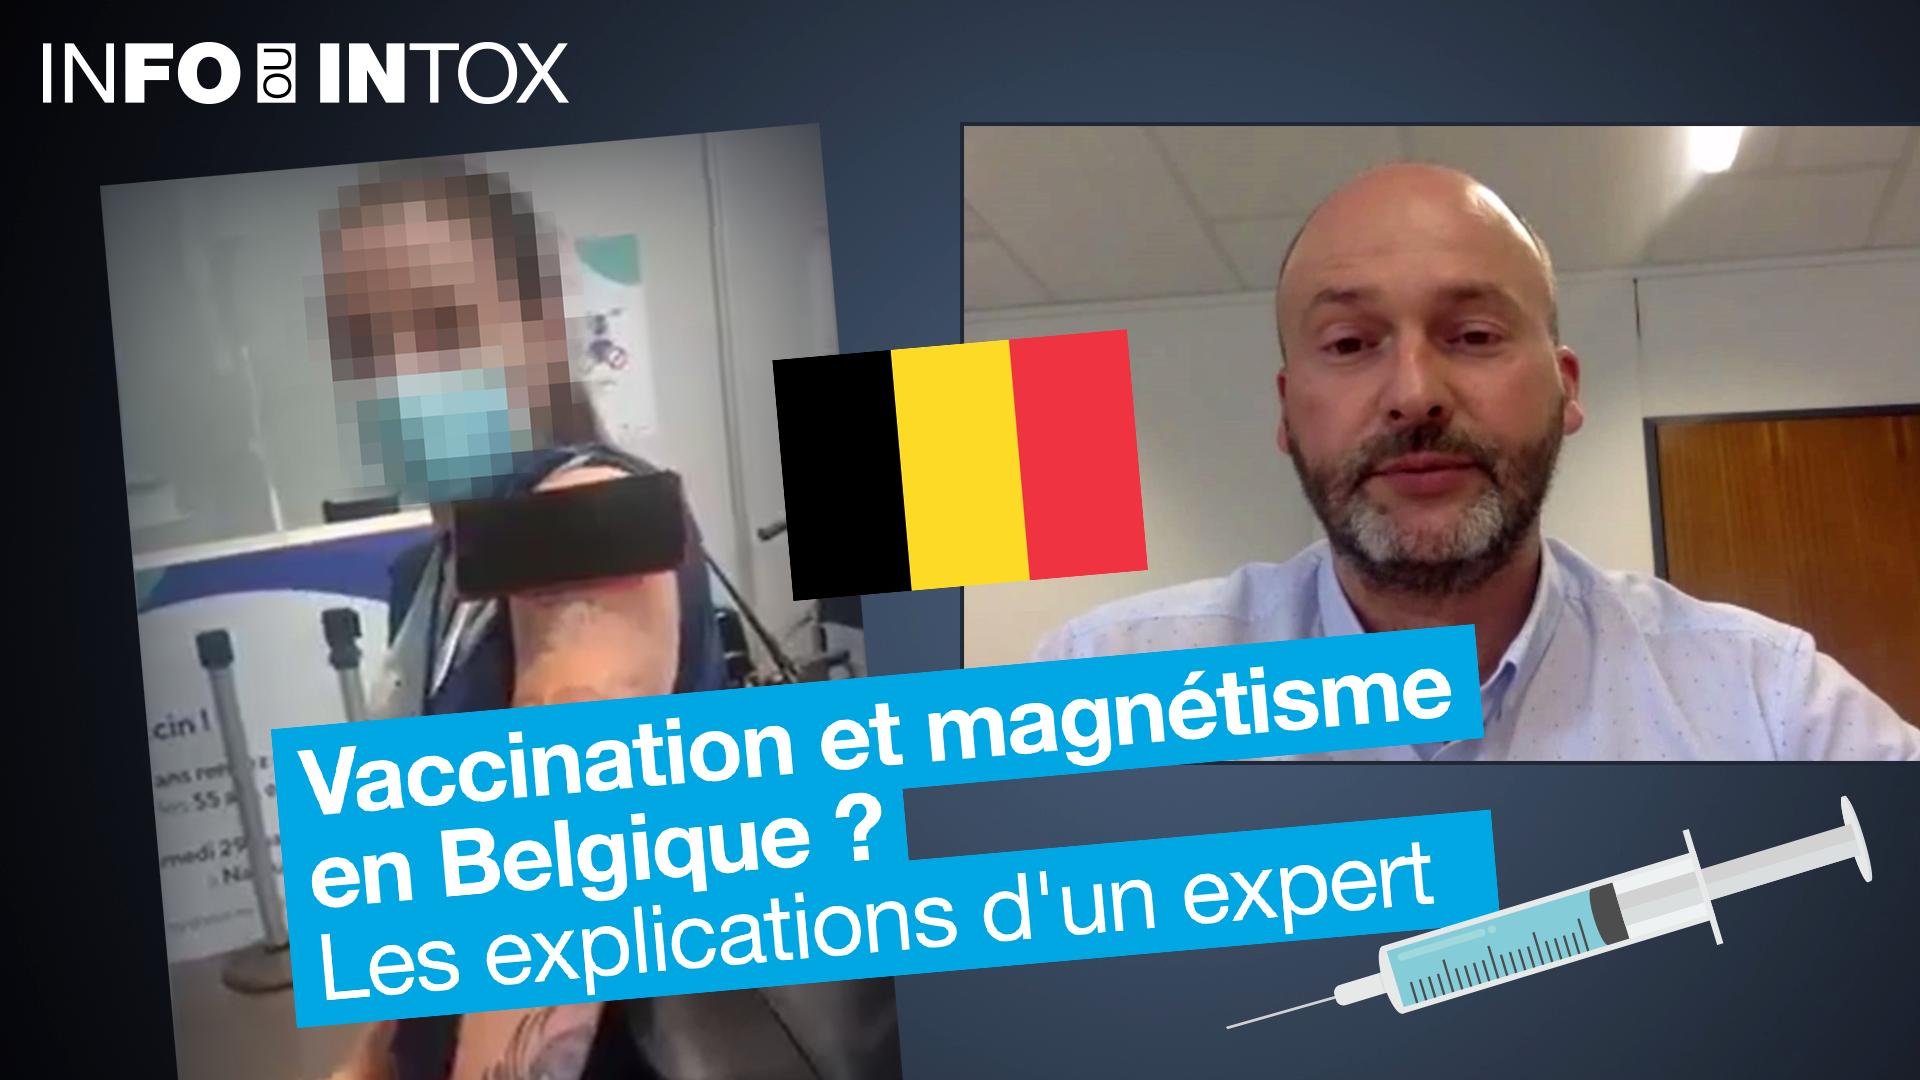 info-intox-Vaccination et magnétisme-1920x1080-FR